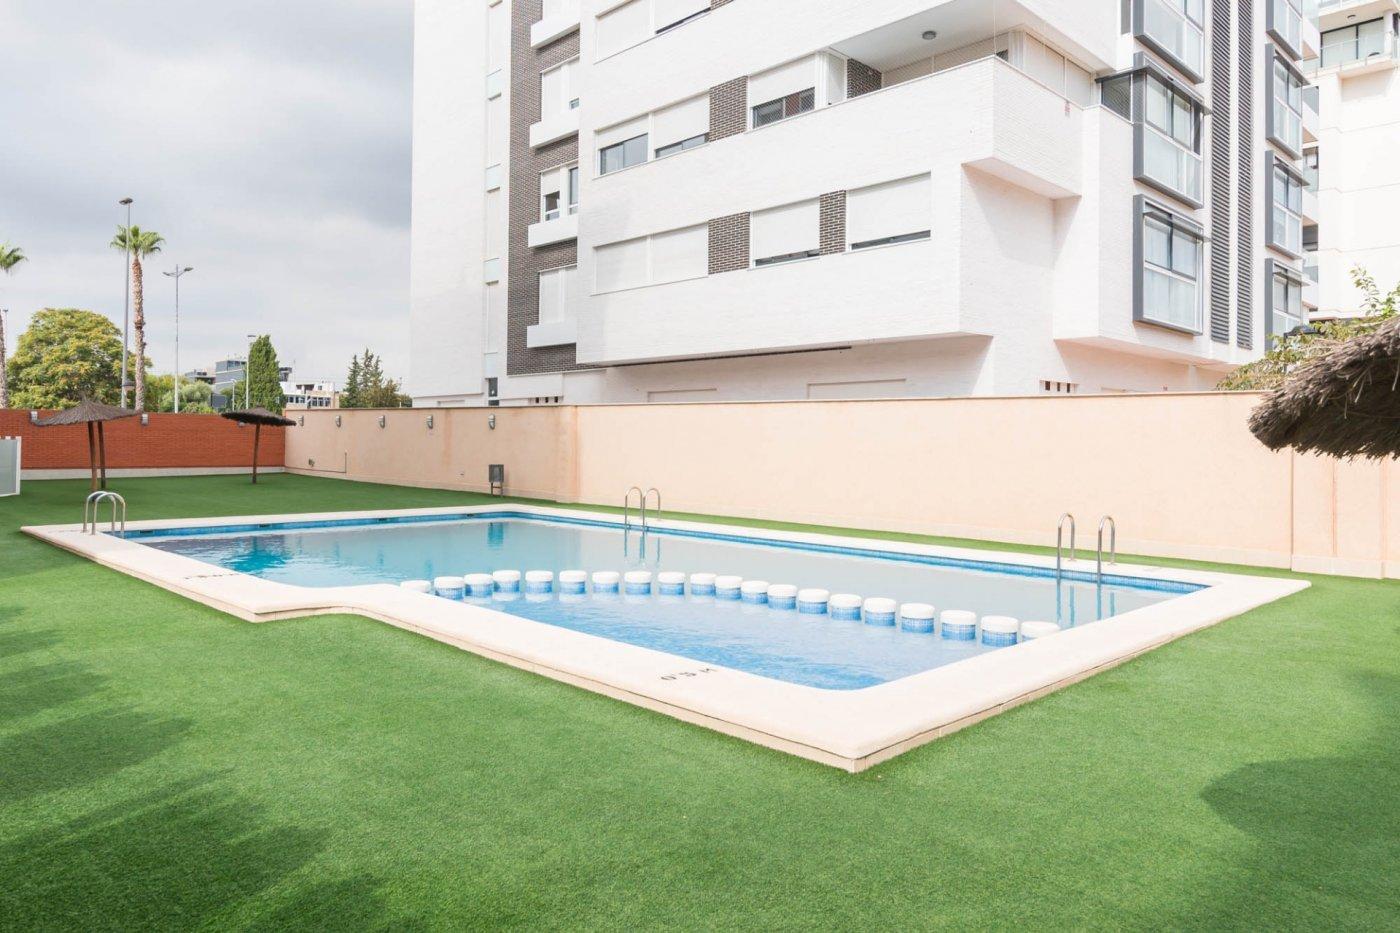 Piso con piscina en avenida juan carlos i - imagenInmueble1